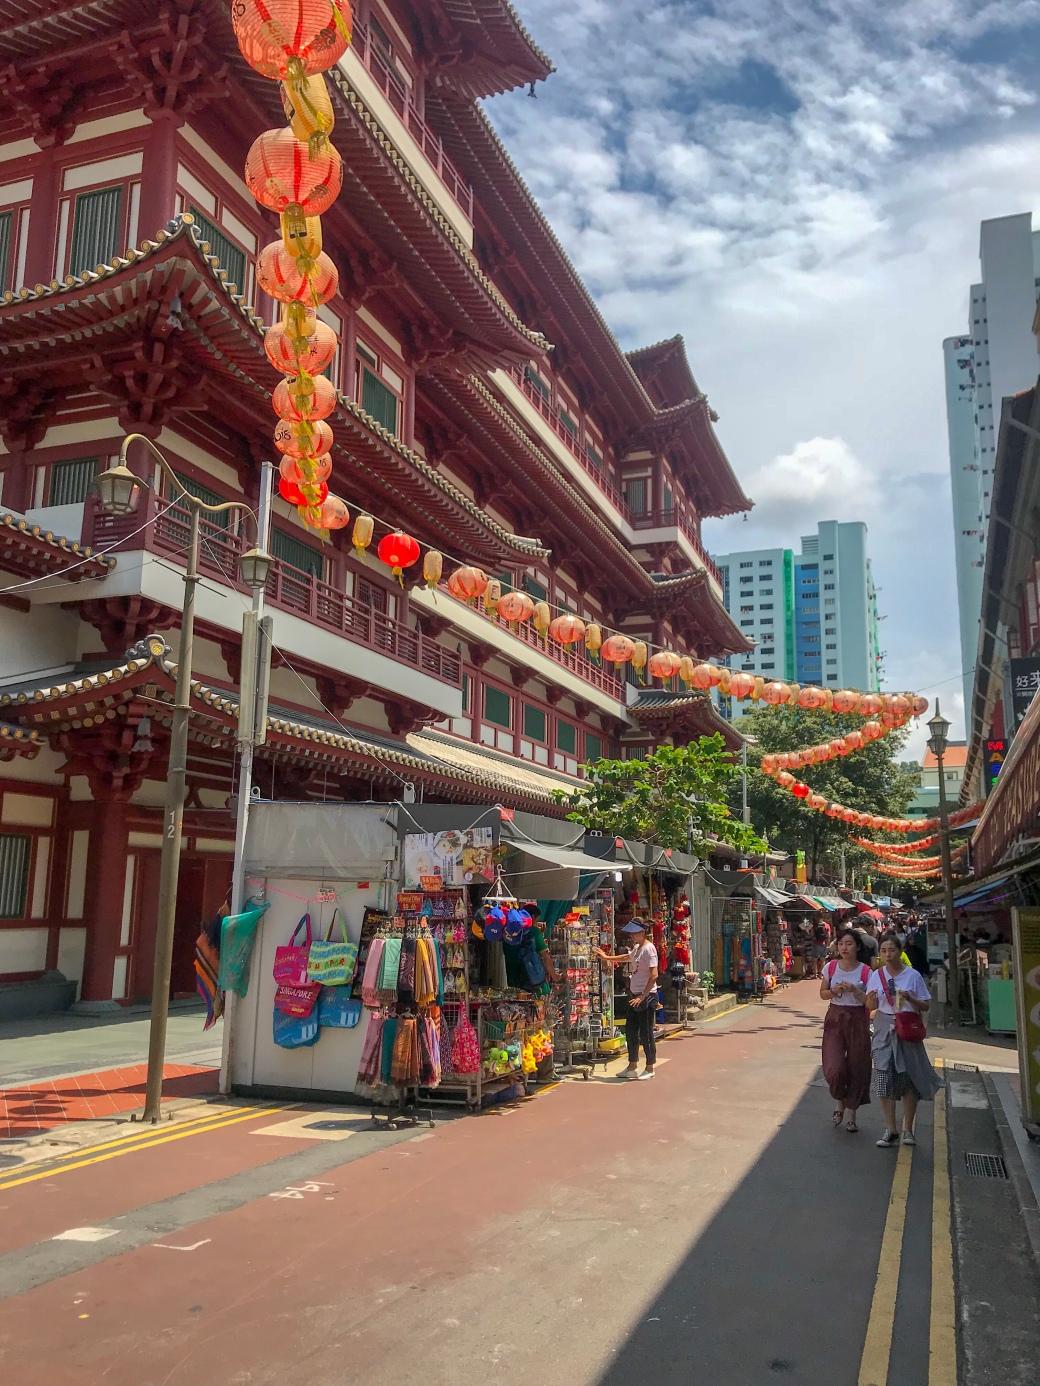 Buddah Tooh Temple